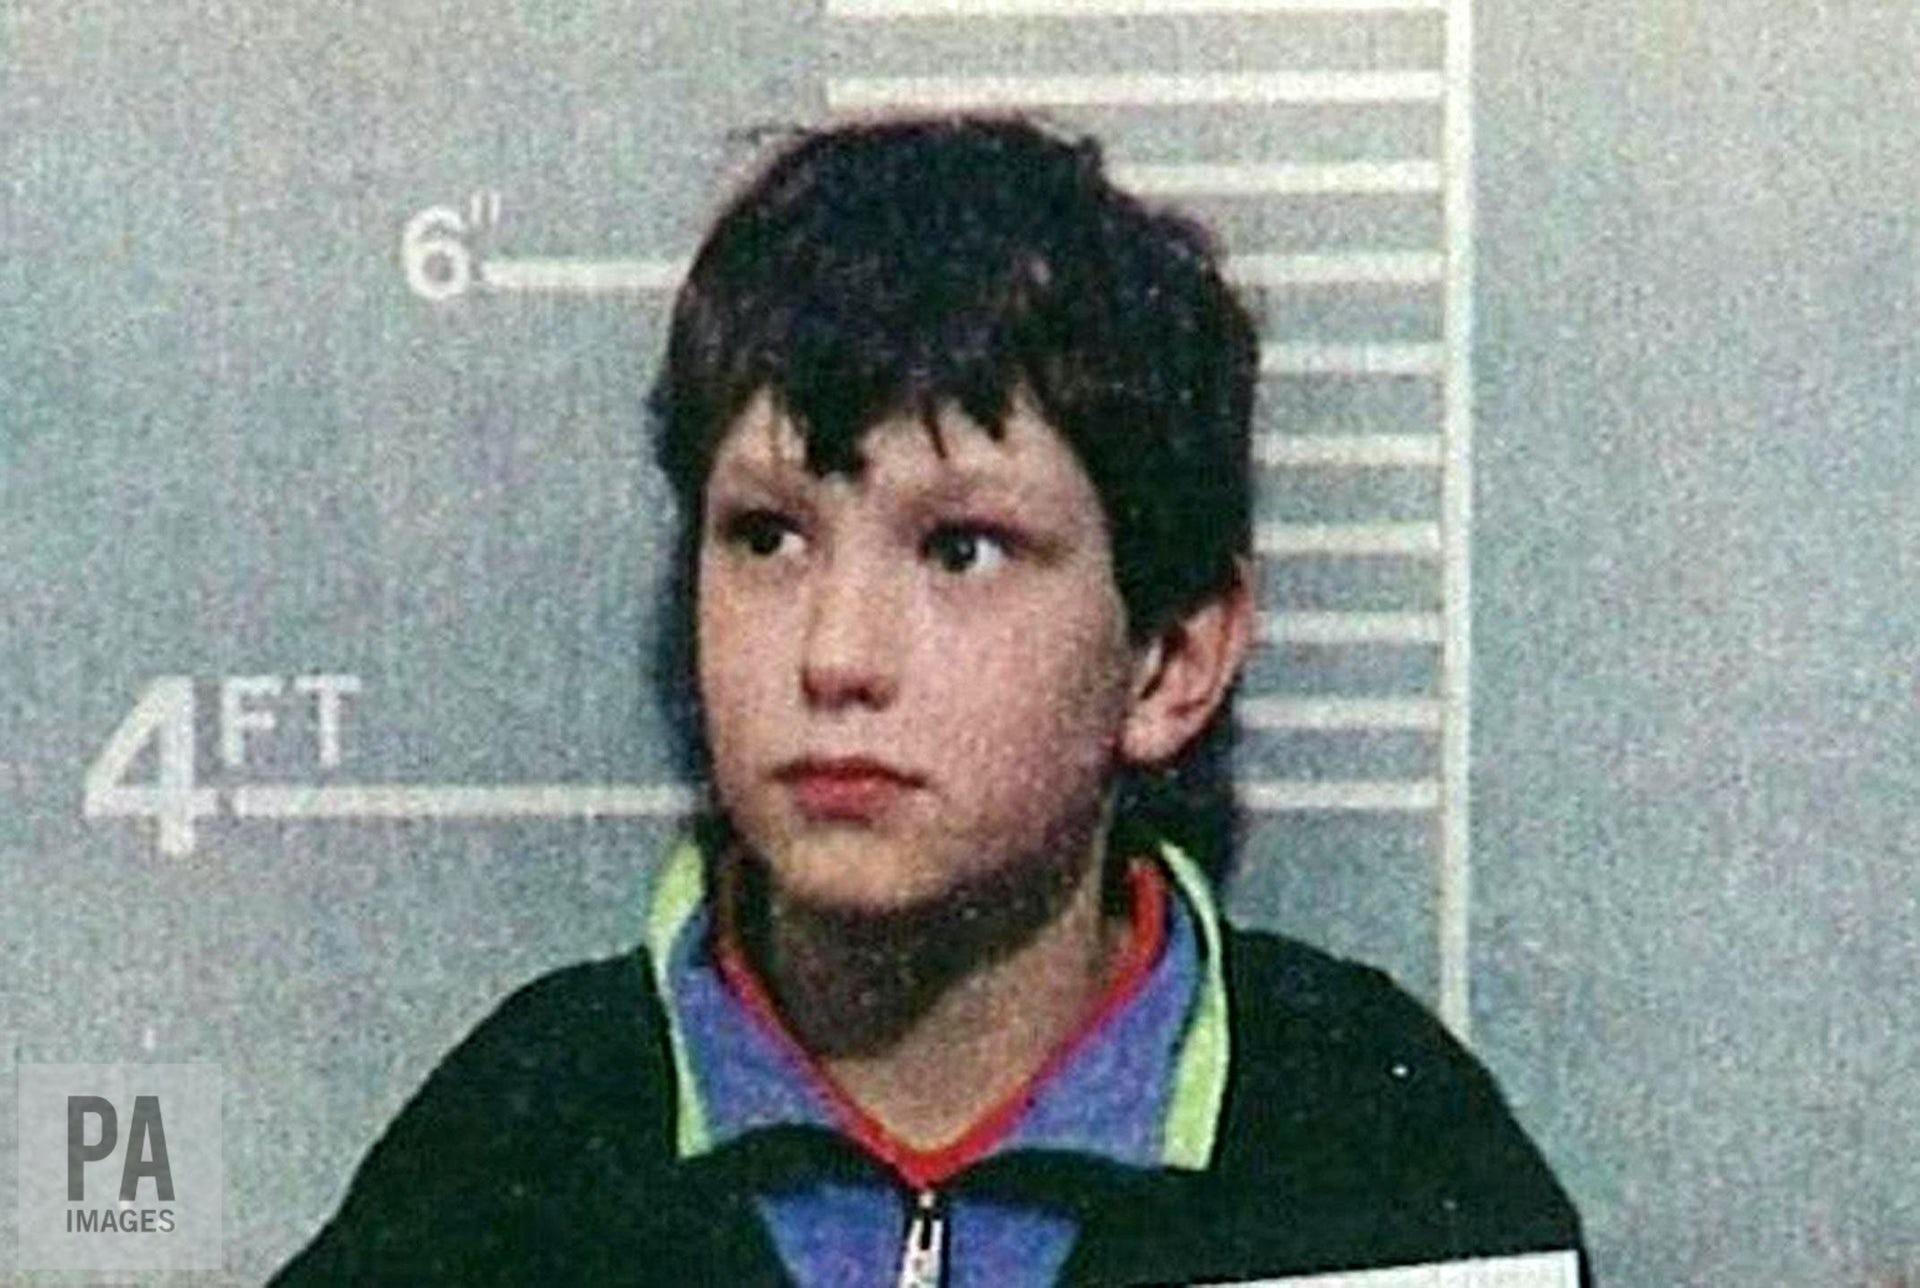 James Bulger killer jailed for having 'paedophile manual'